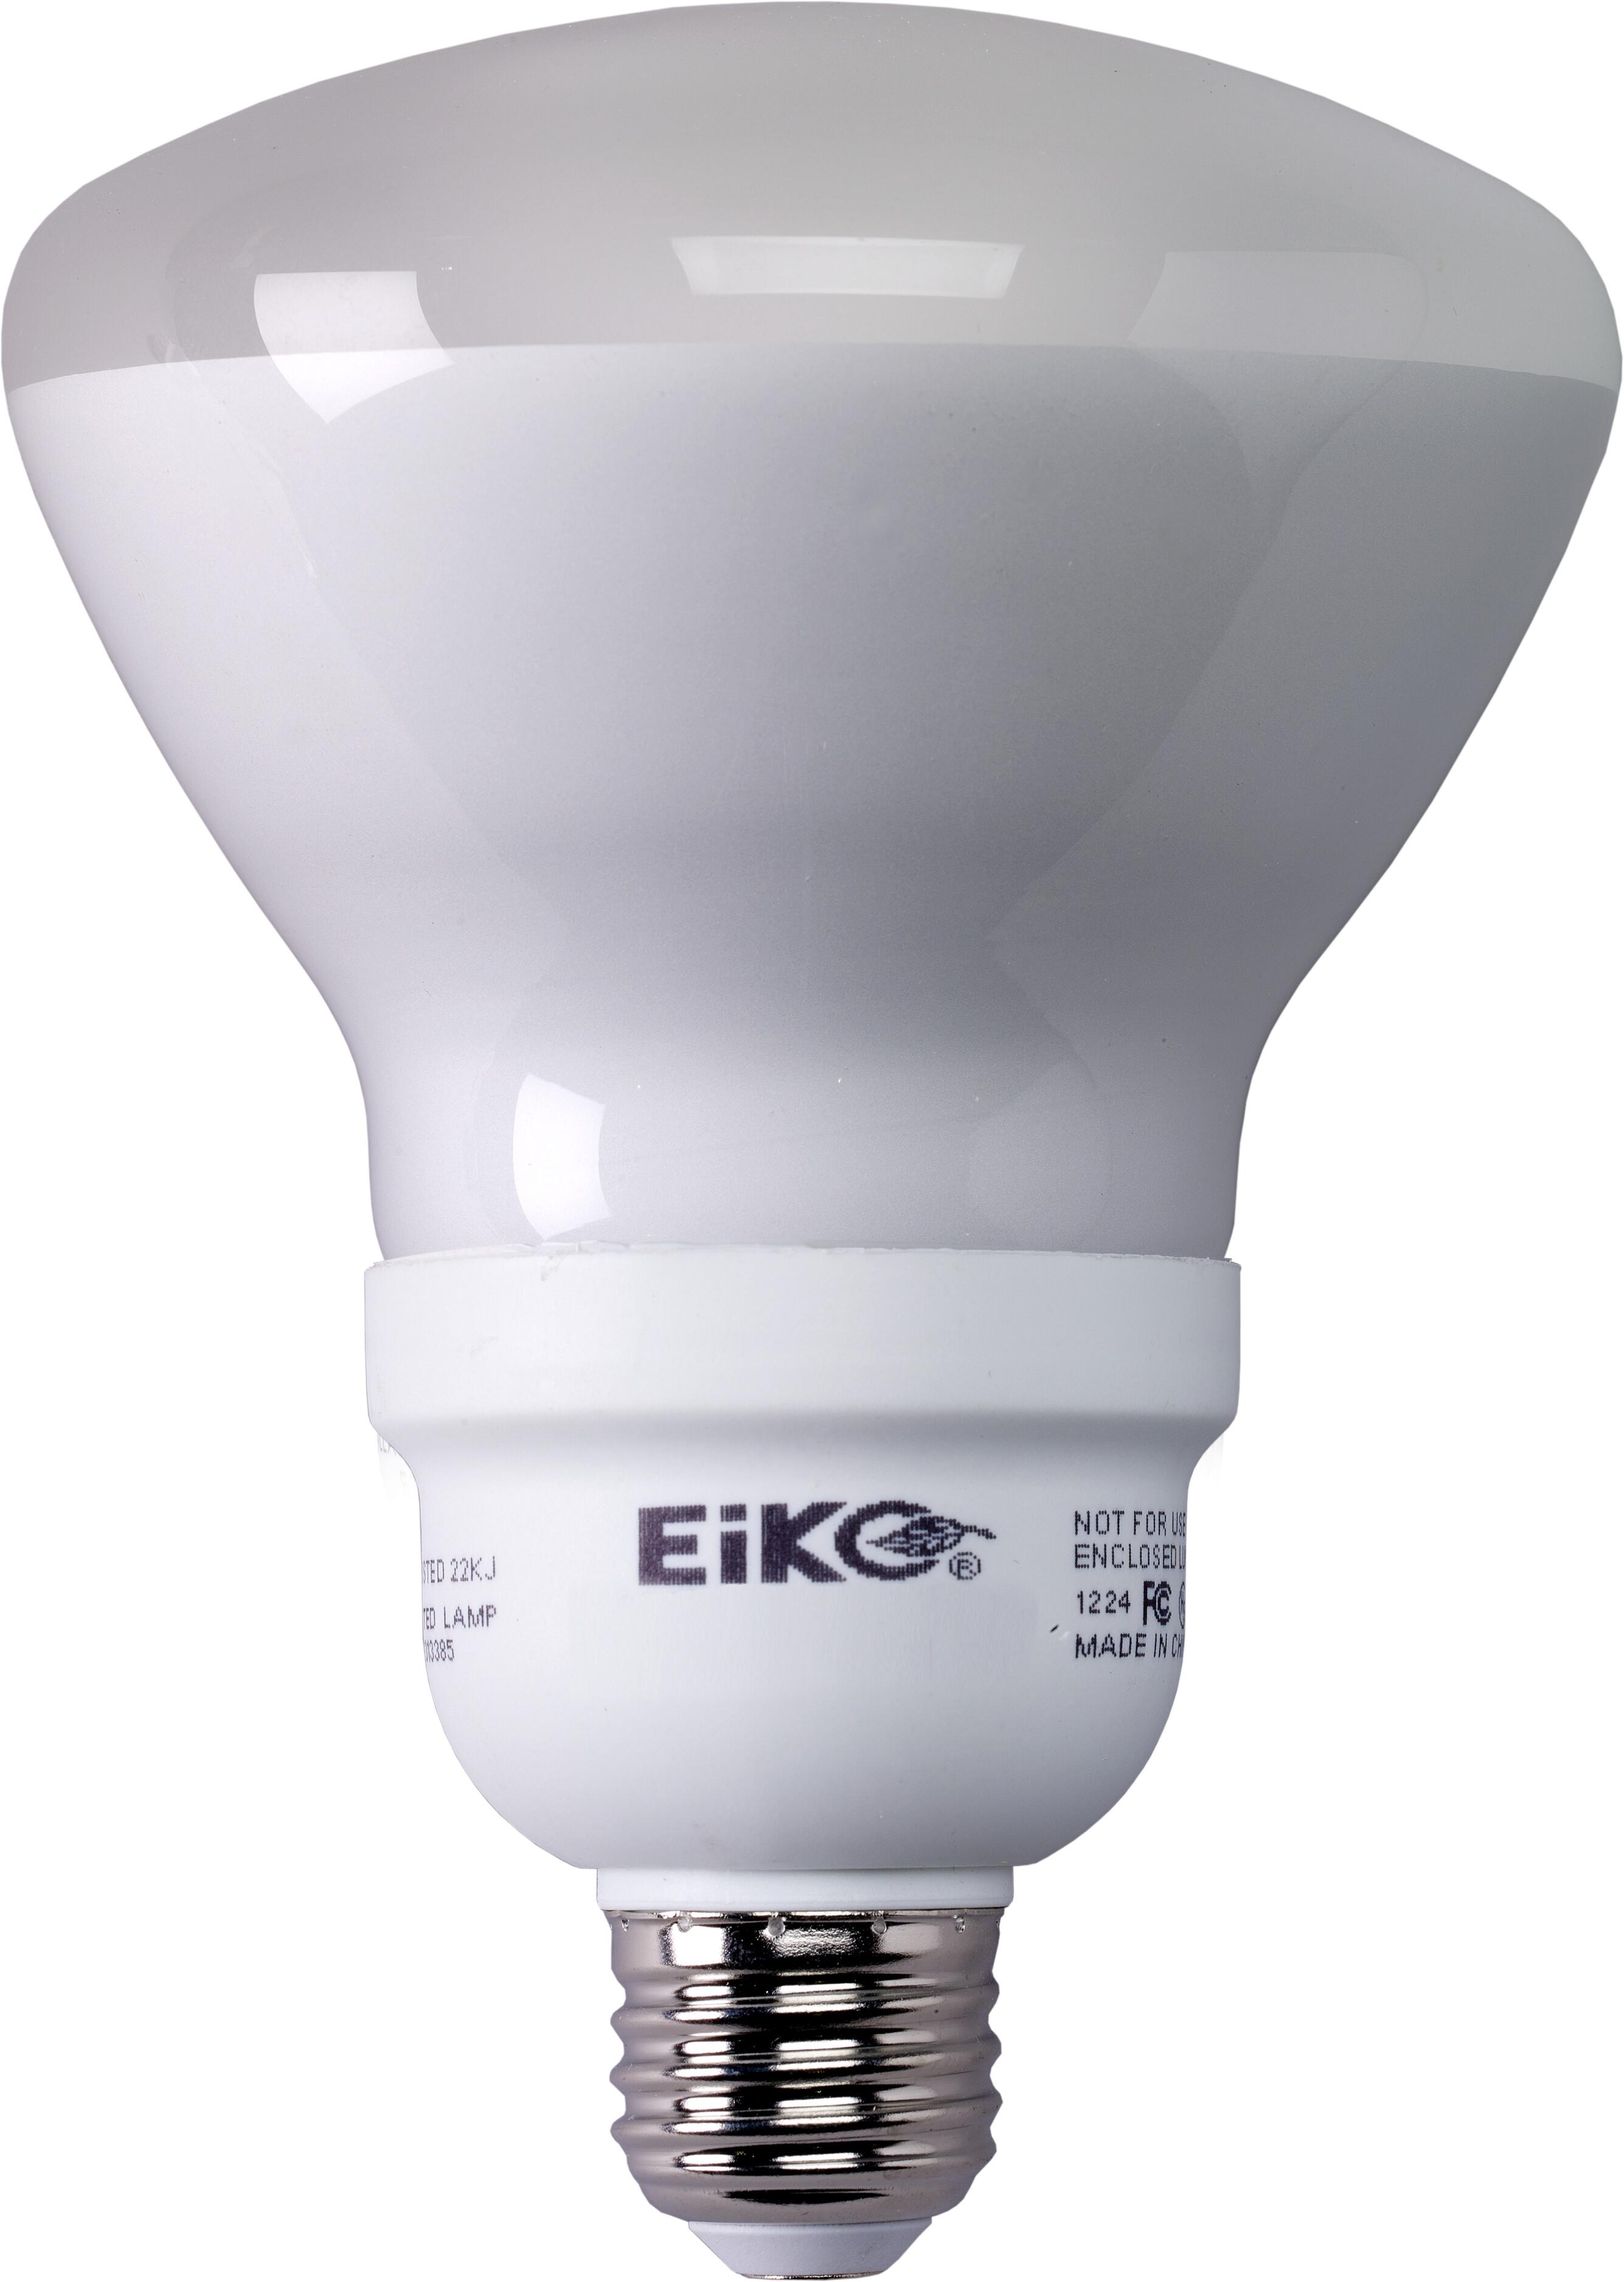 EIKSP15R3027K